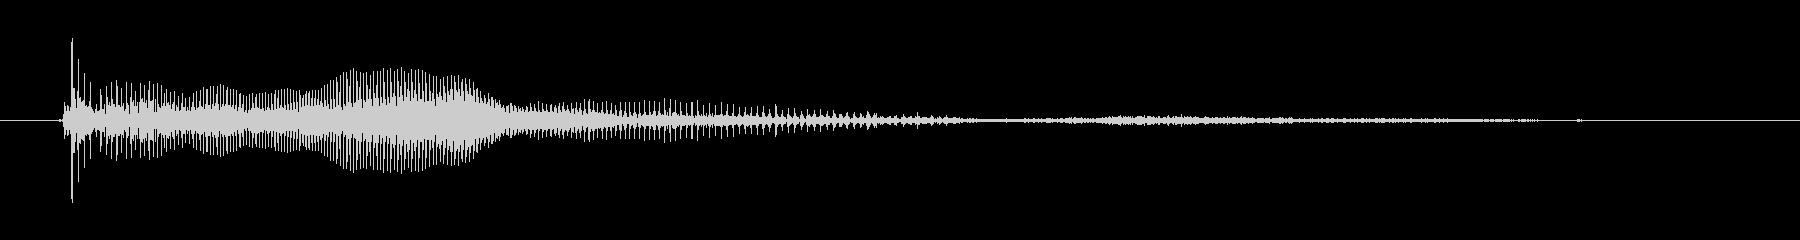 ↑イェース!【正解など、ハイテンション】の未再生の波形